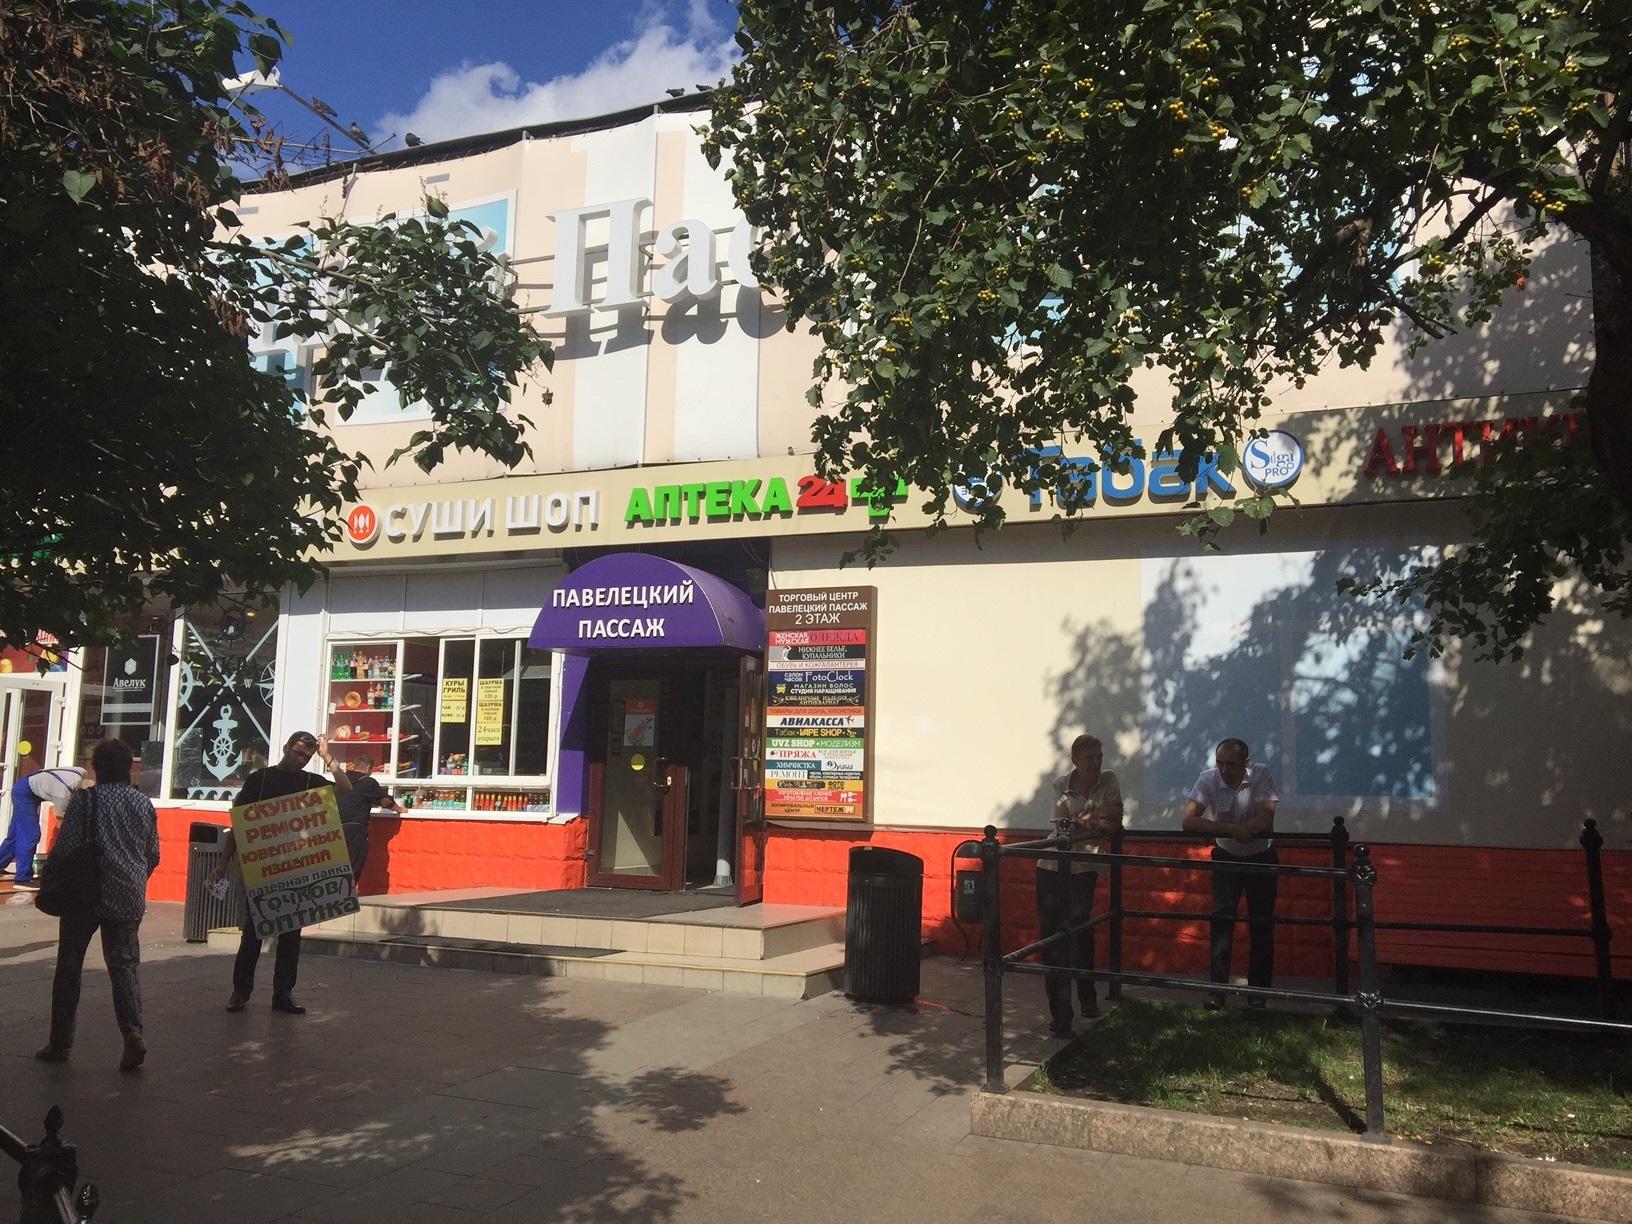 Магазин париков в Москве. Метро Павелецкая,ТЦ Павелецкий пассаж